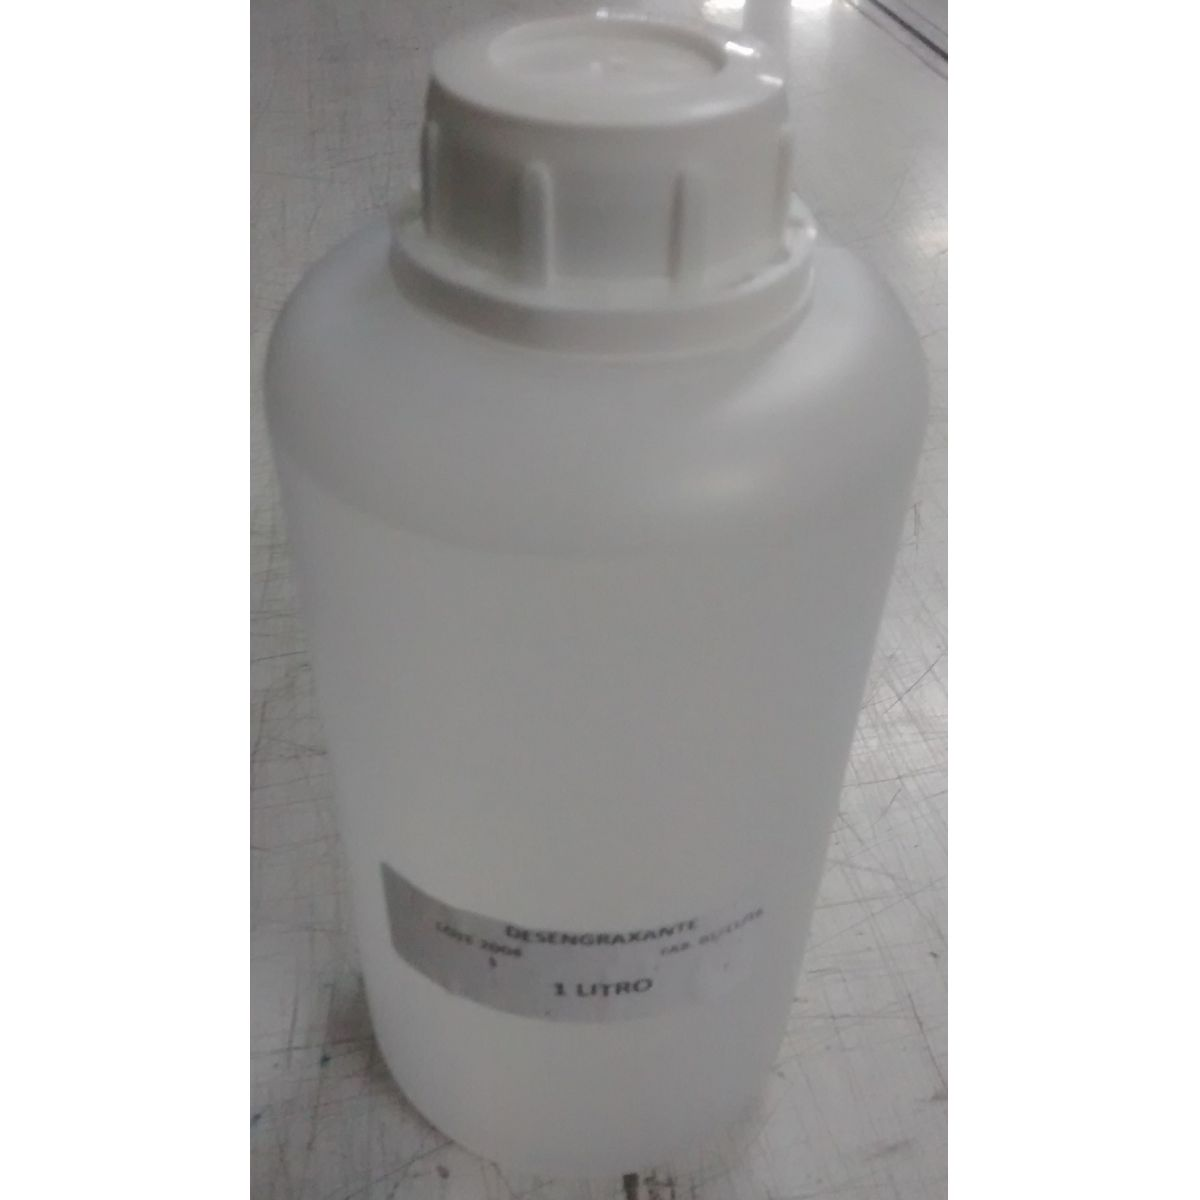 Desengraxante AW 1 litro